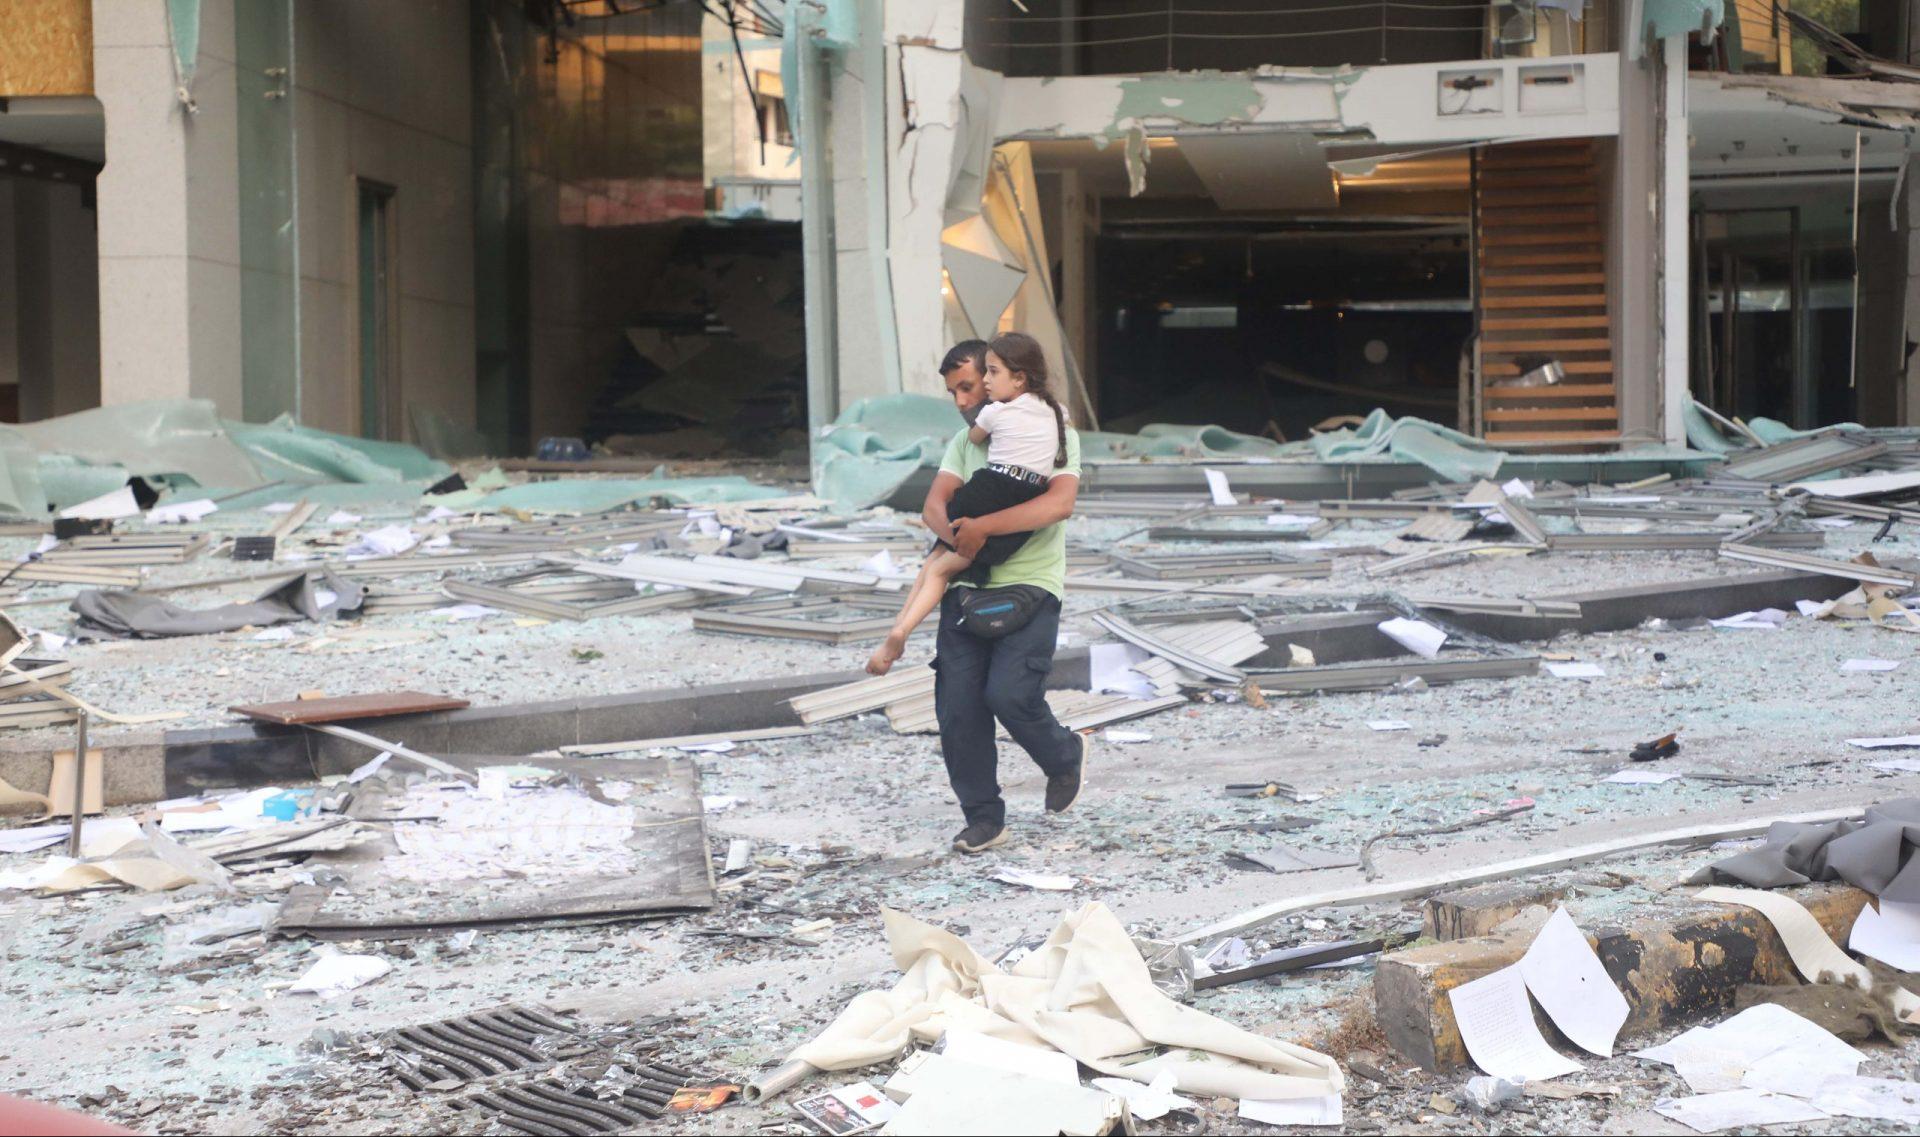 En mand bærer en pige forbi ruinerne efter eksplosionen d. 4. august i Beirut. FOTO: Scanpix